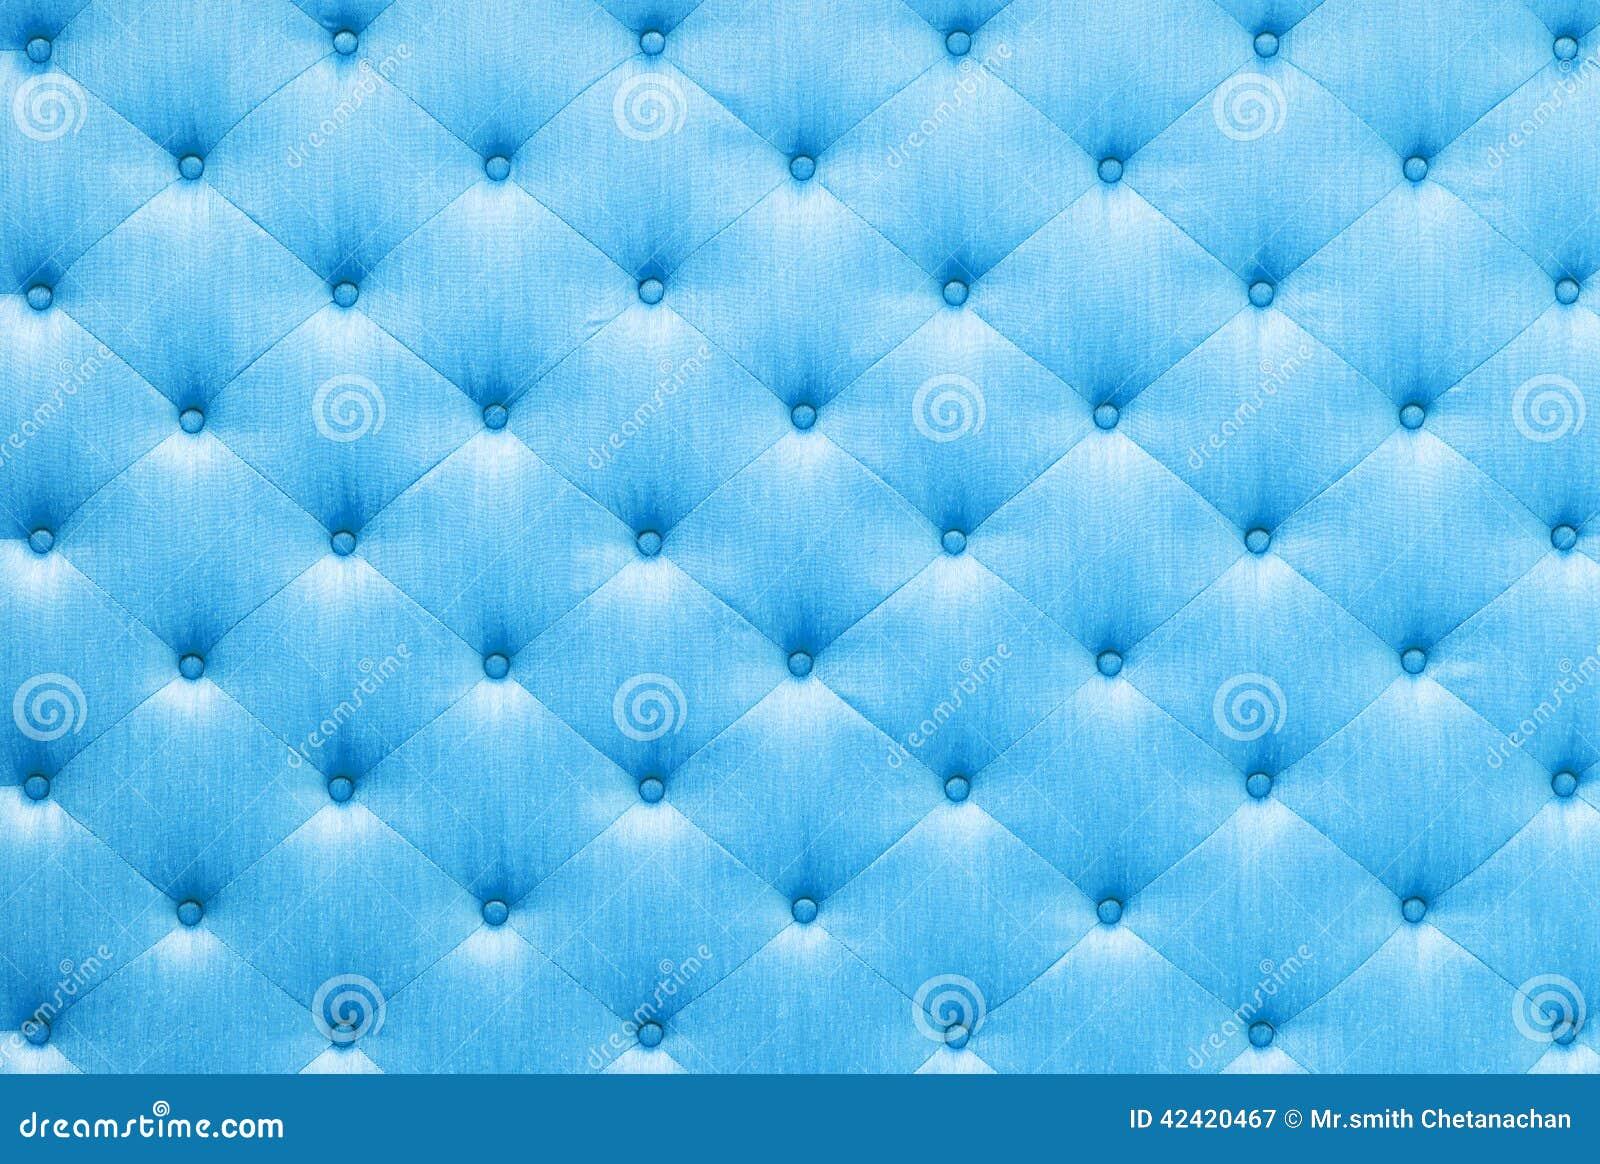 關閉與按鈕的葡萄酒樣式藍色顏色沙發布料紋理.圖片